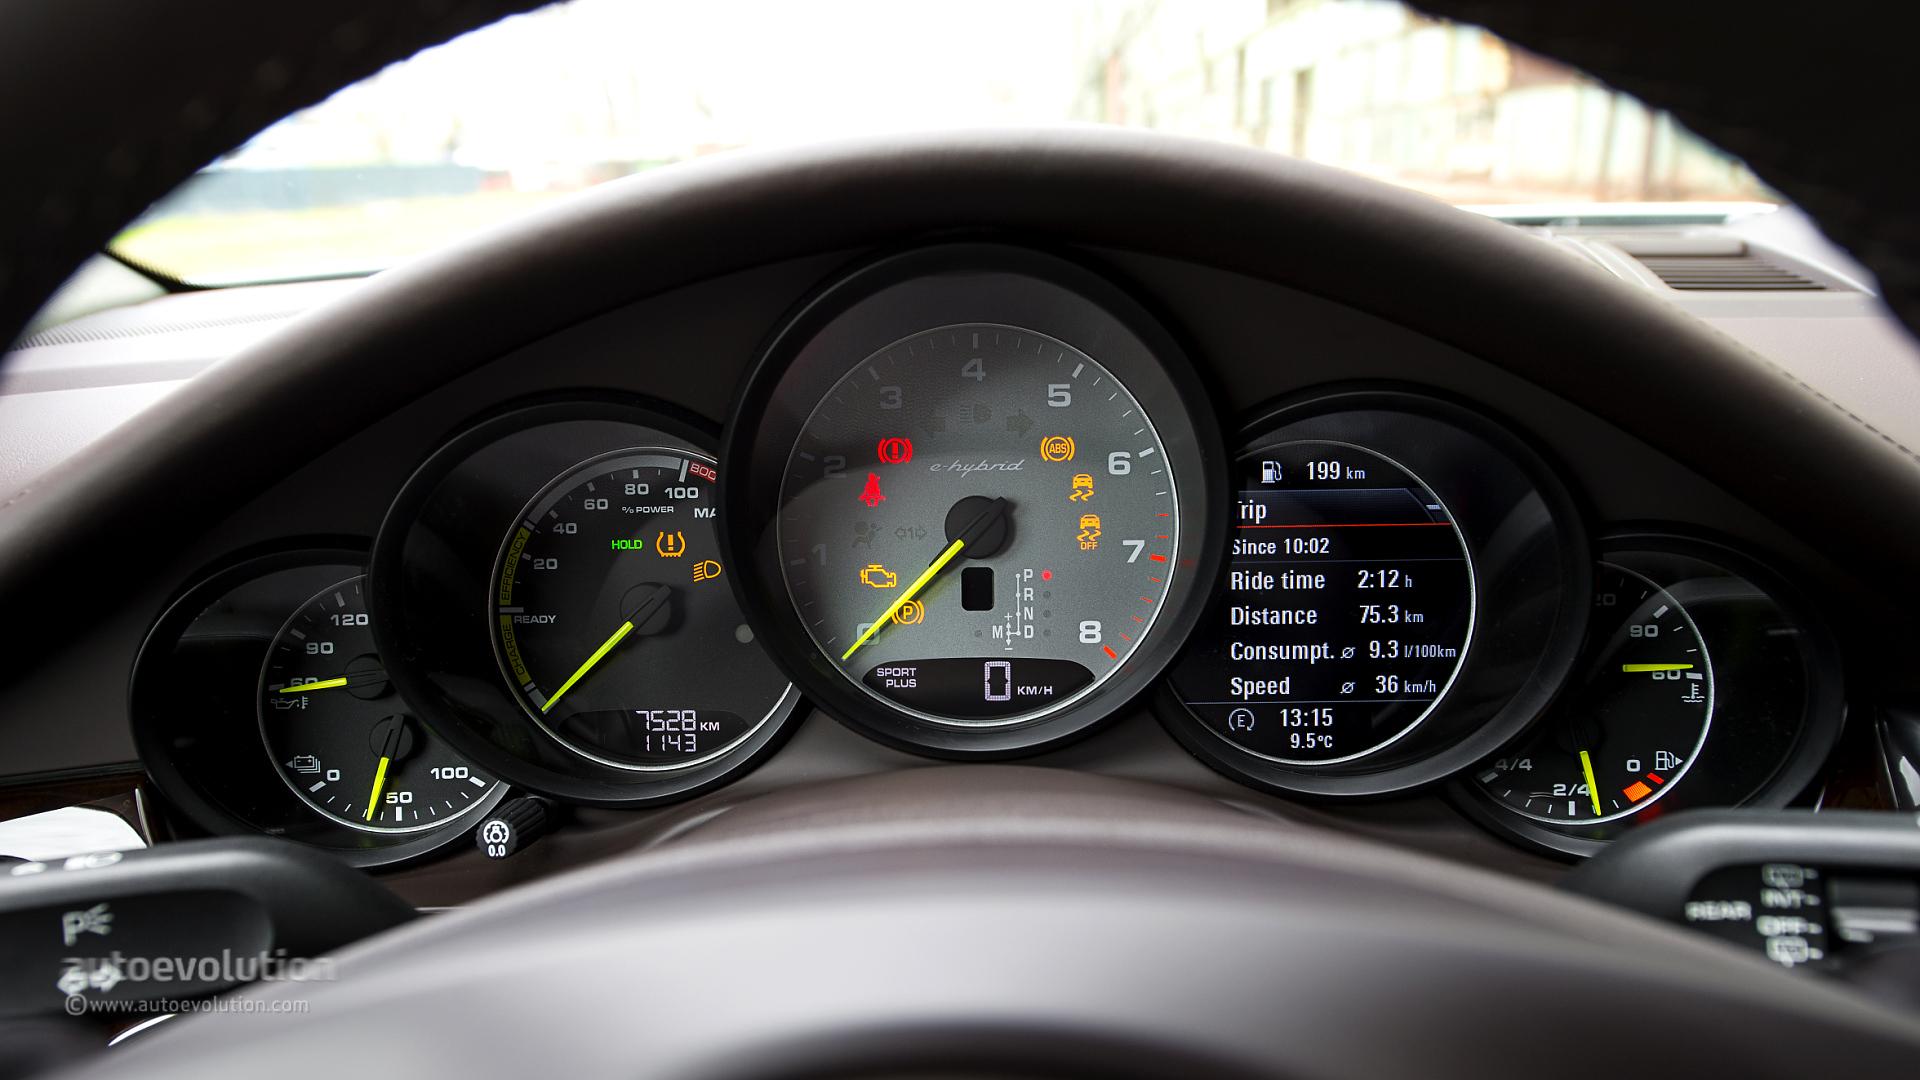 2014 porsche panamera interior car tuning - 2014 Porsche Panamera Interior Car Tuning 44